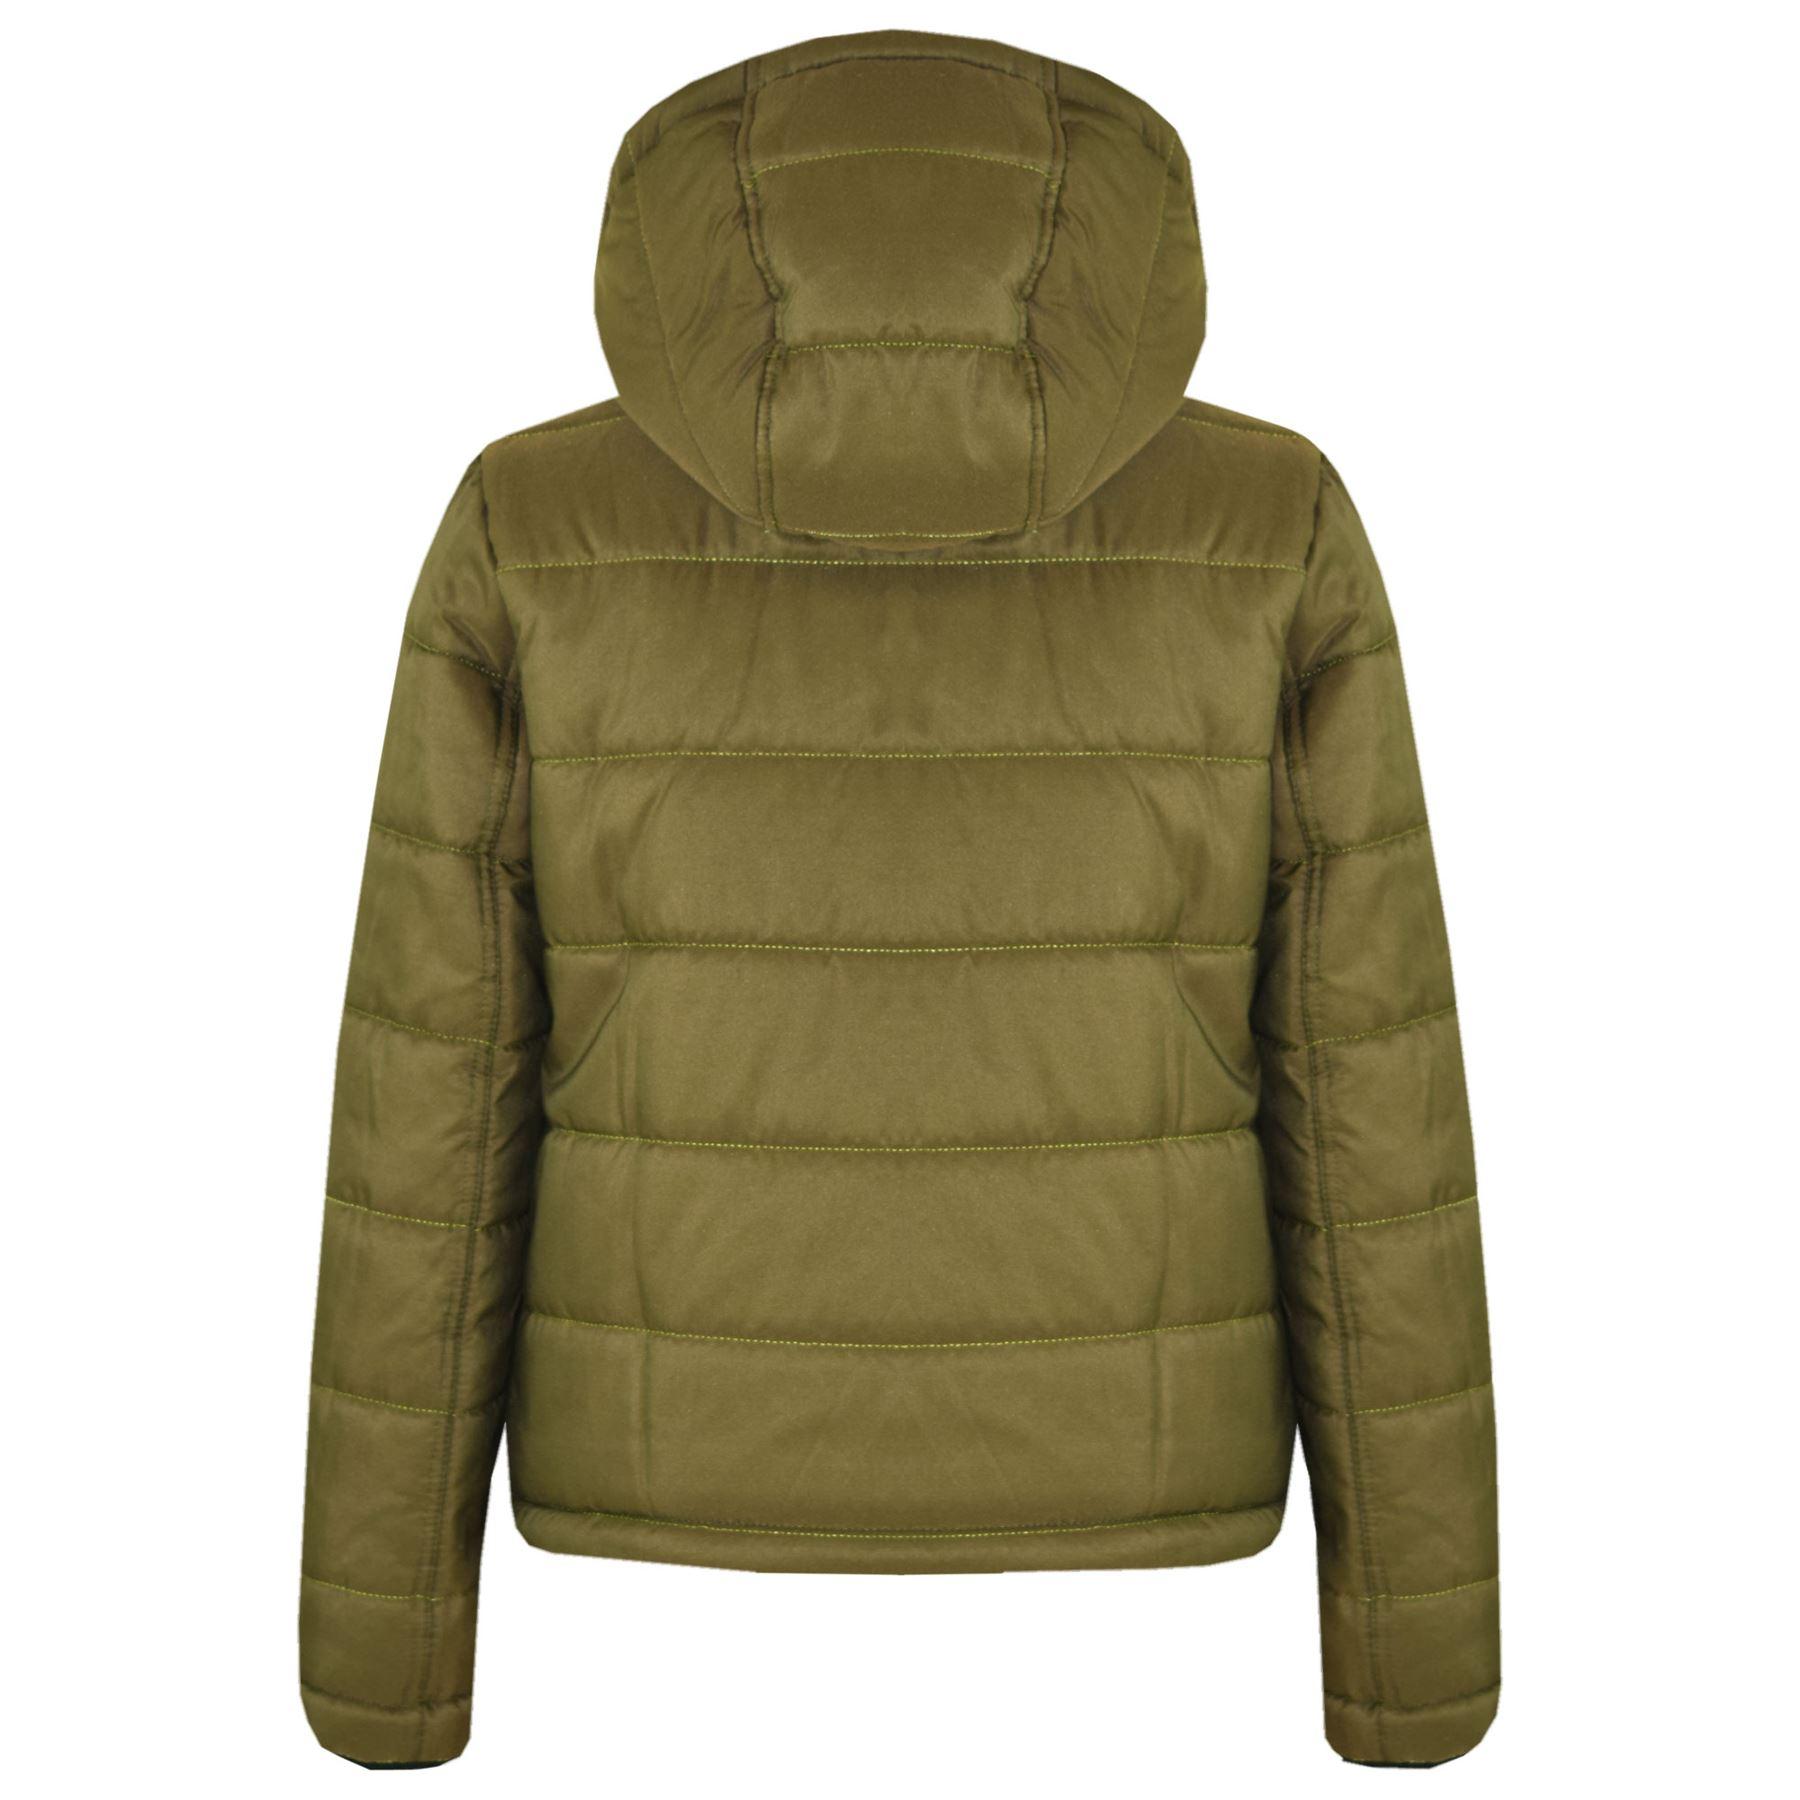 bas prix 60301 31dea Manteau enfant fille Manteaux, vestes et tenues de neige ...